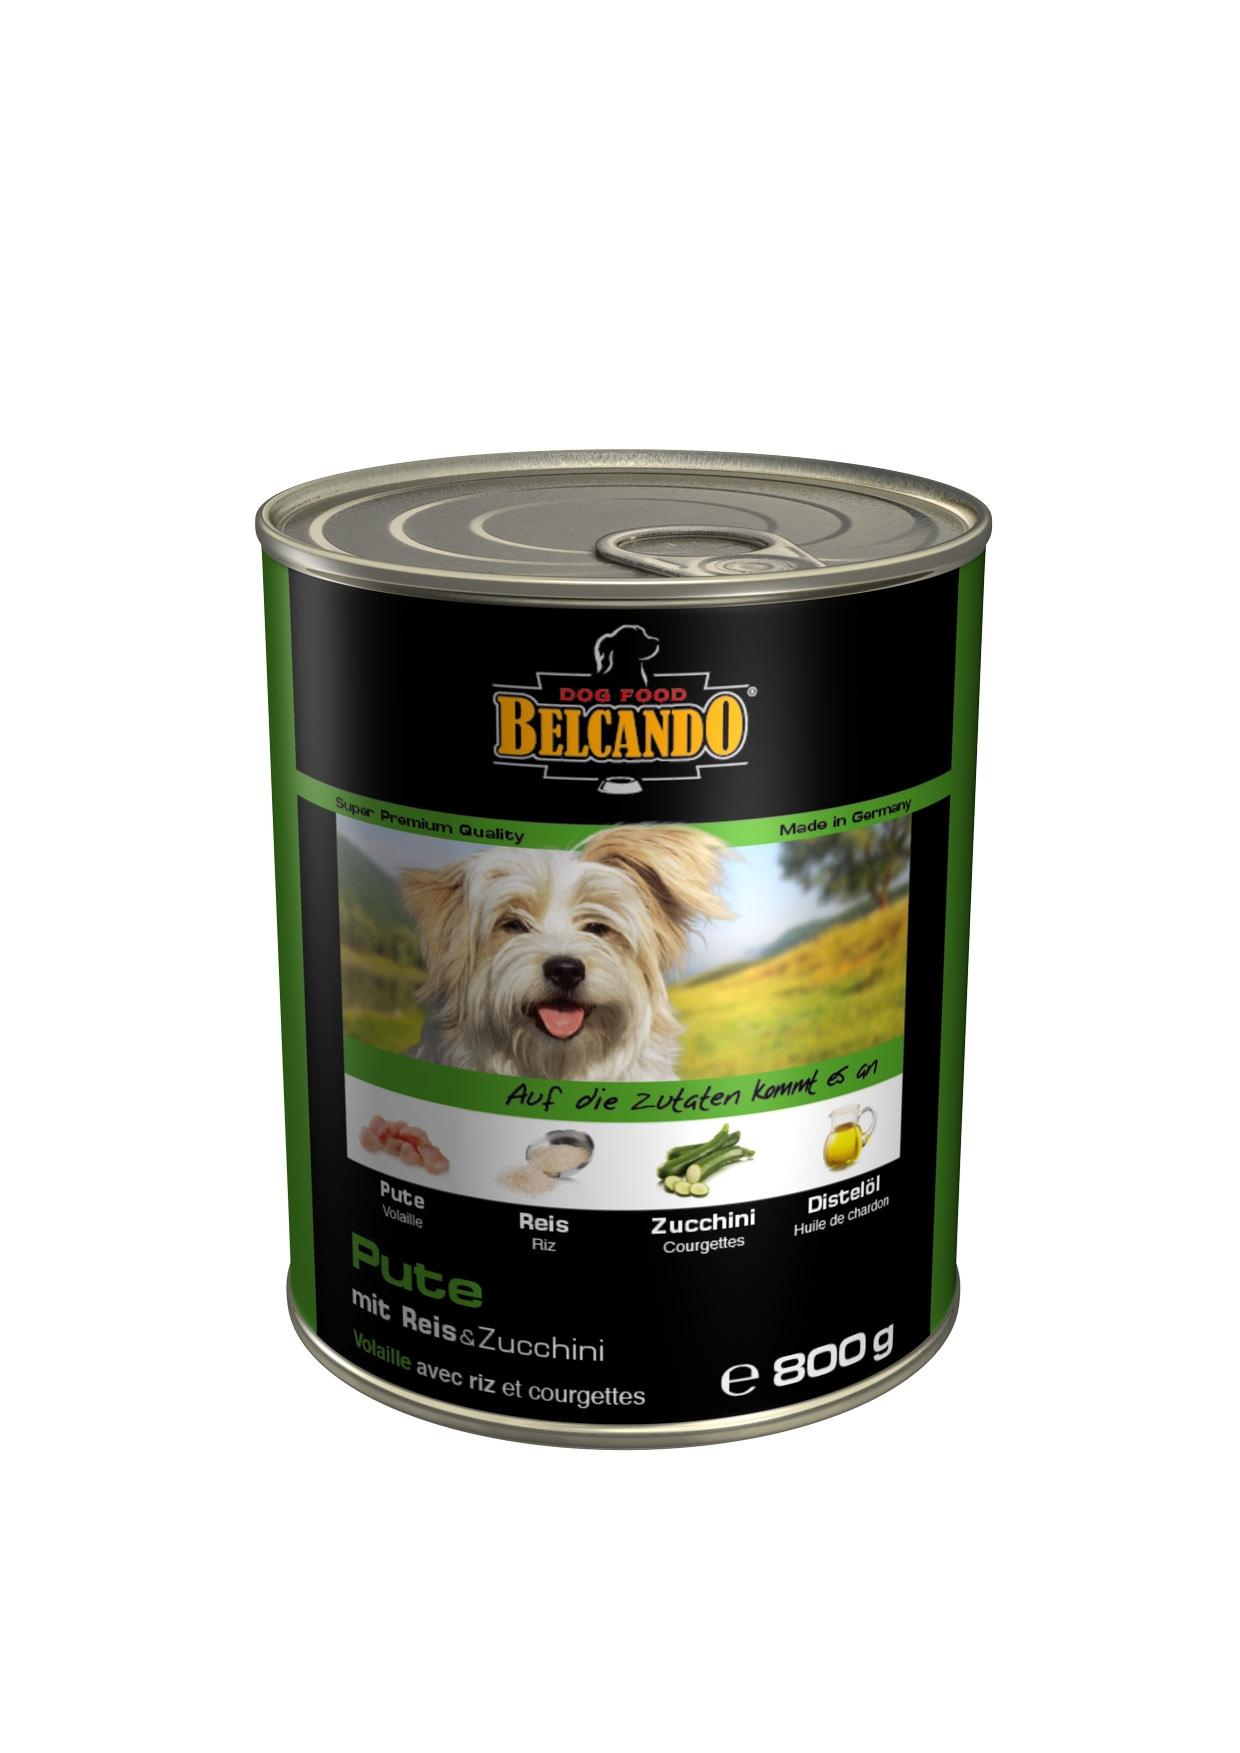 Консервы для собак Belcando, с мясом и овощами, 800 г консервы для собак belcando с отборным мясом 800 г